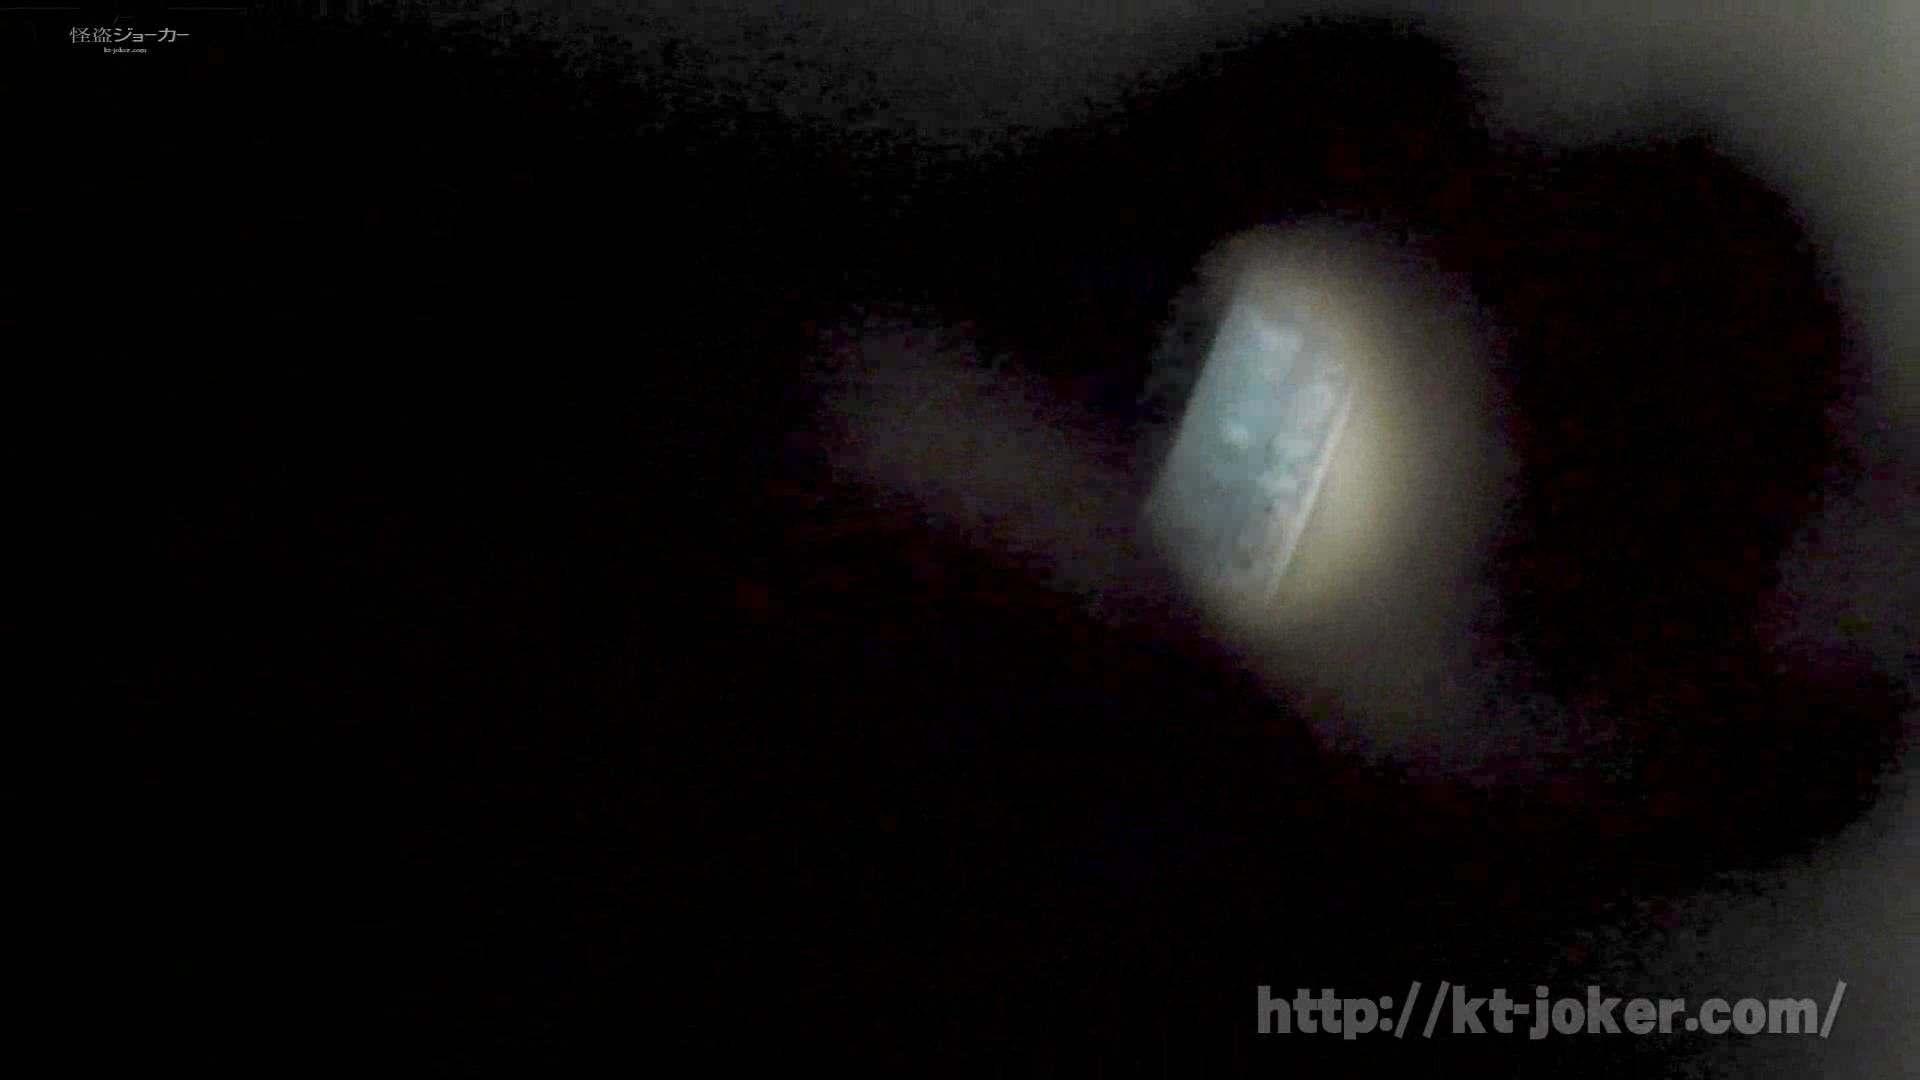 命がけ潜伏洗面所! vol.58 さらなる無謀な挑戦、新アングル、壁に穴を開ける 洗面所  110画像 84